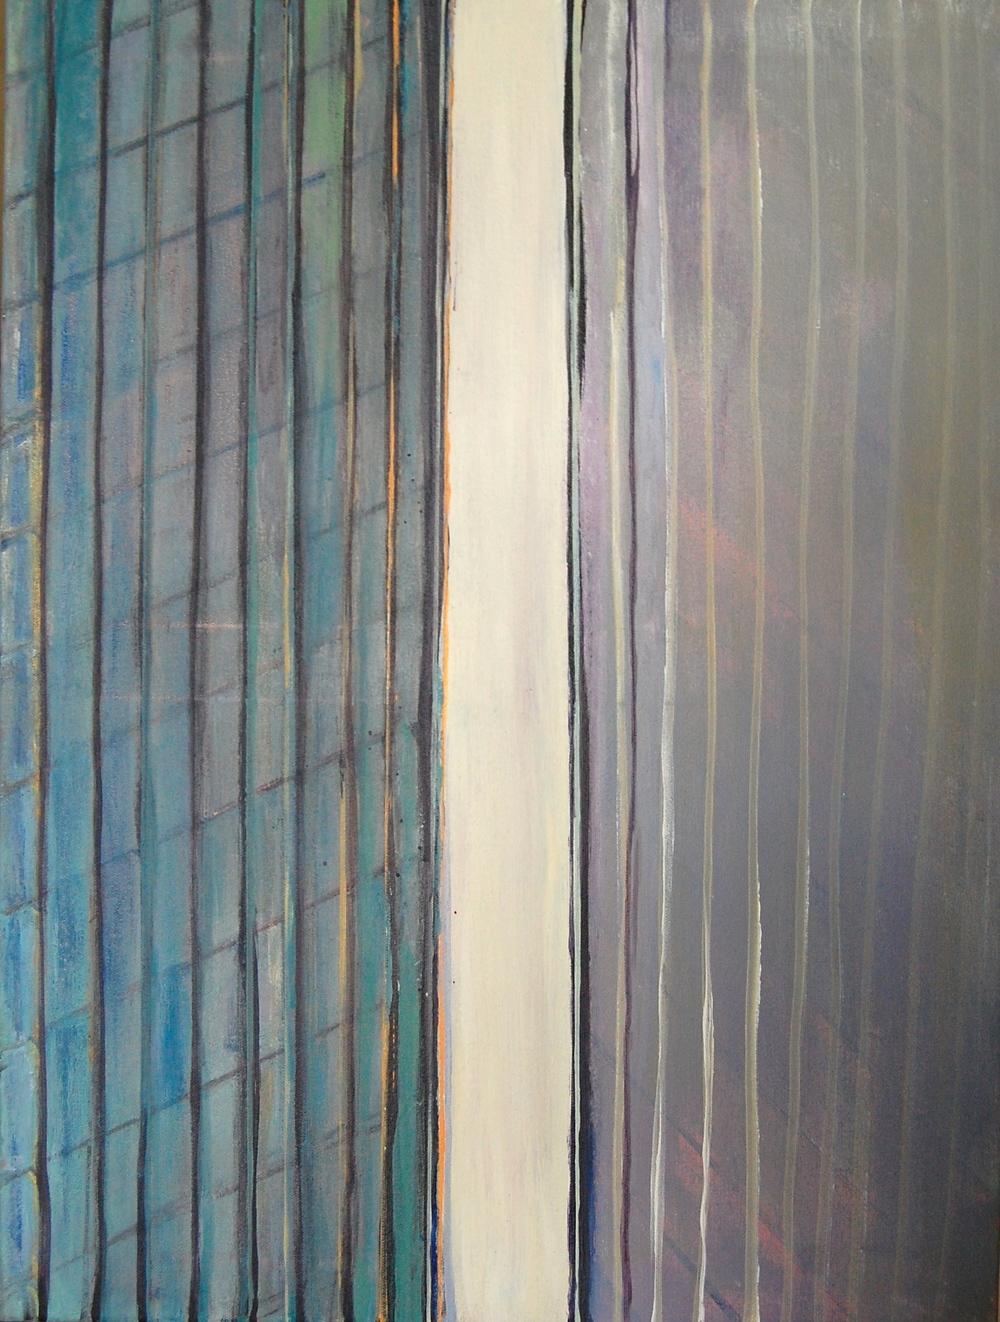 HARD EDGE: Acrylic on canvas 2014